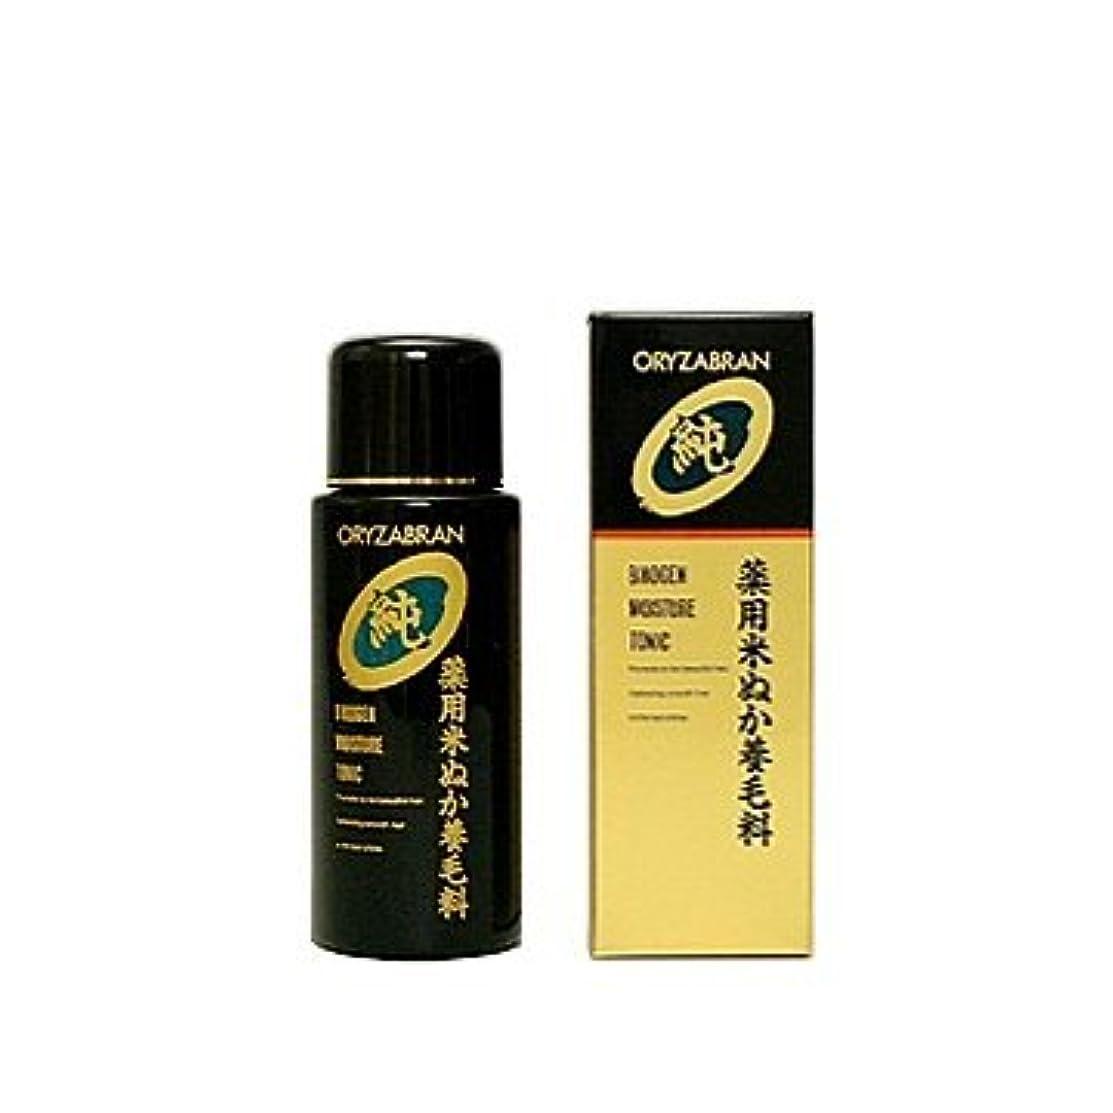 リアル化学 オリザ 薬用ビコーゲン モイスチャートニック 180ml